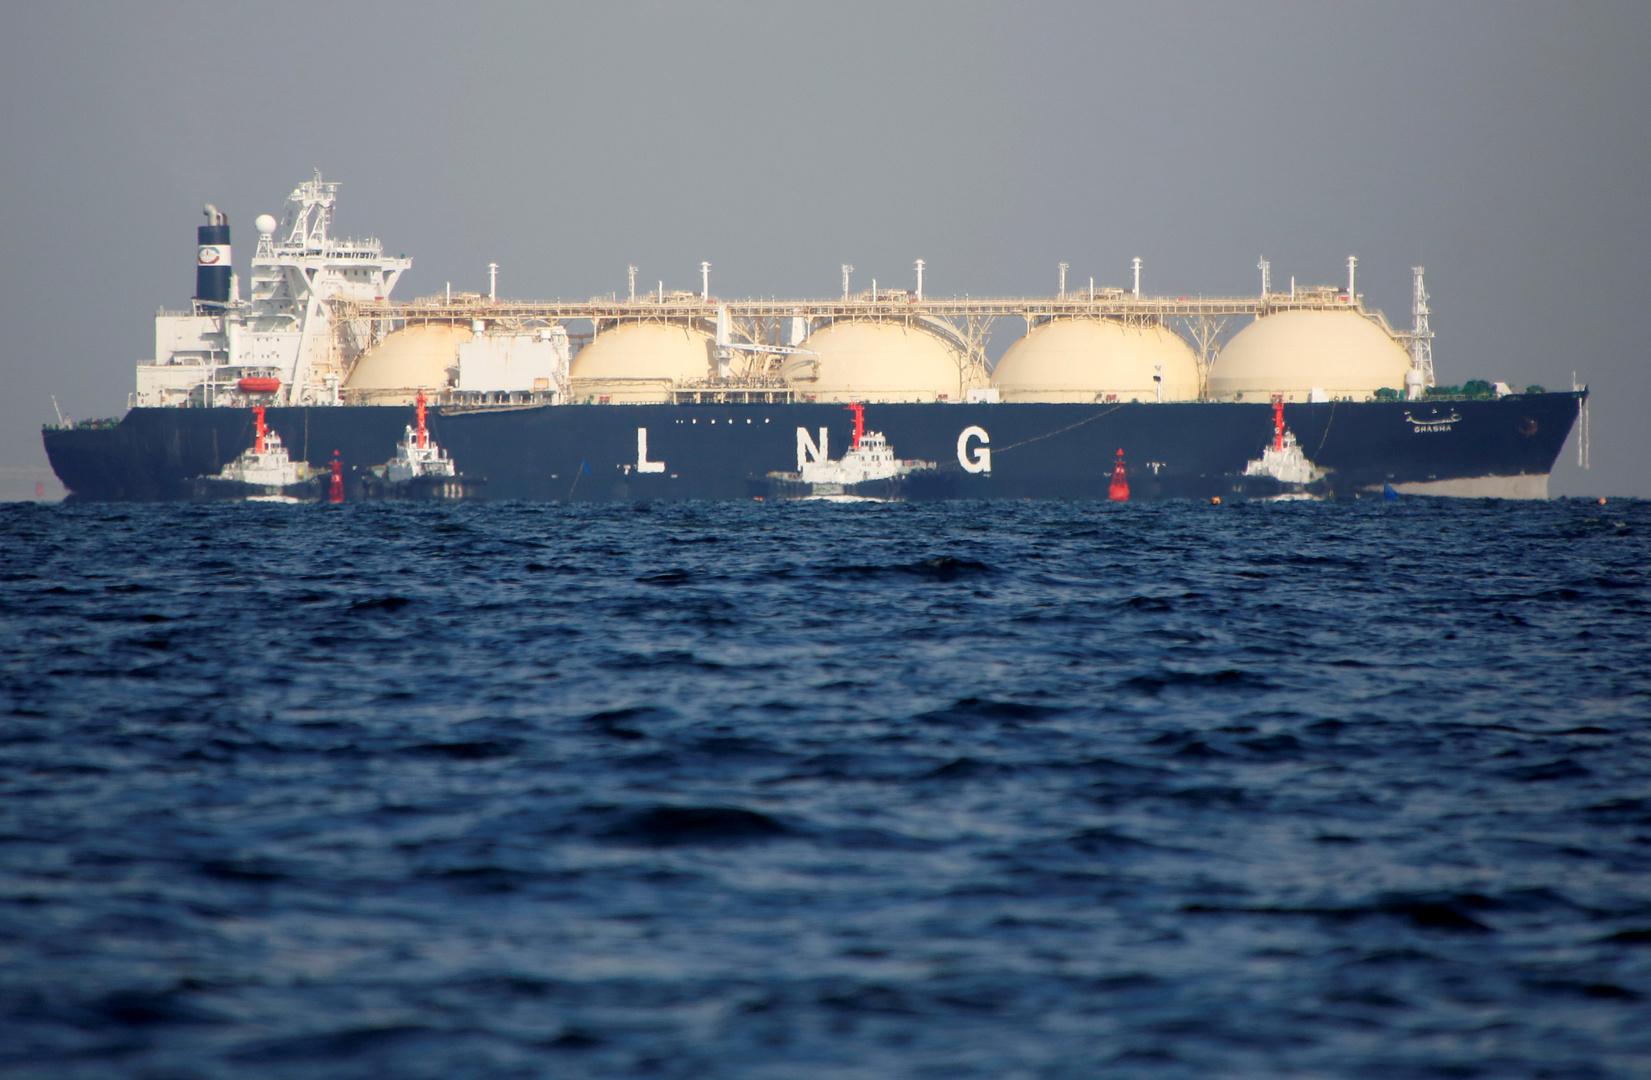 روسيا تستهدف مضاعفة حصتها في سوق الغاز الطبيعي المسال في الأعوام الخمسة القادمة